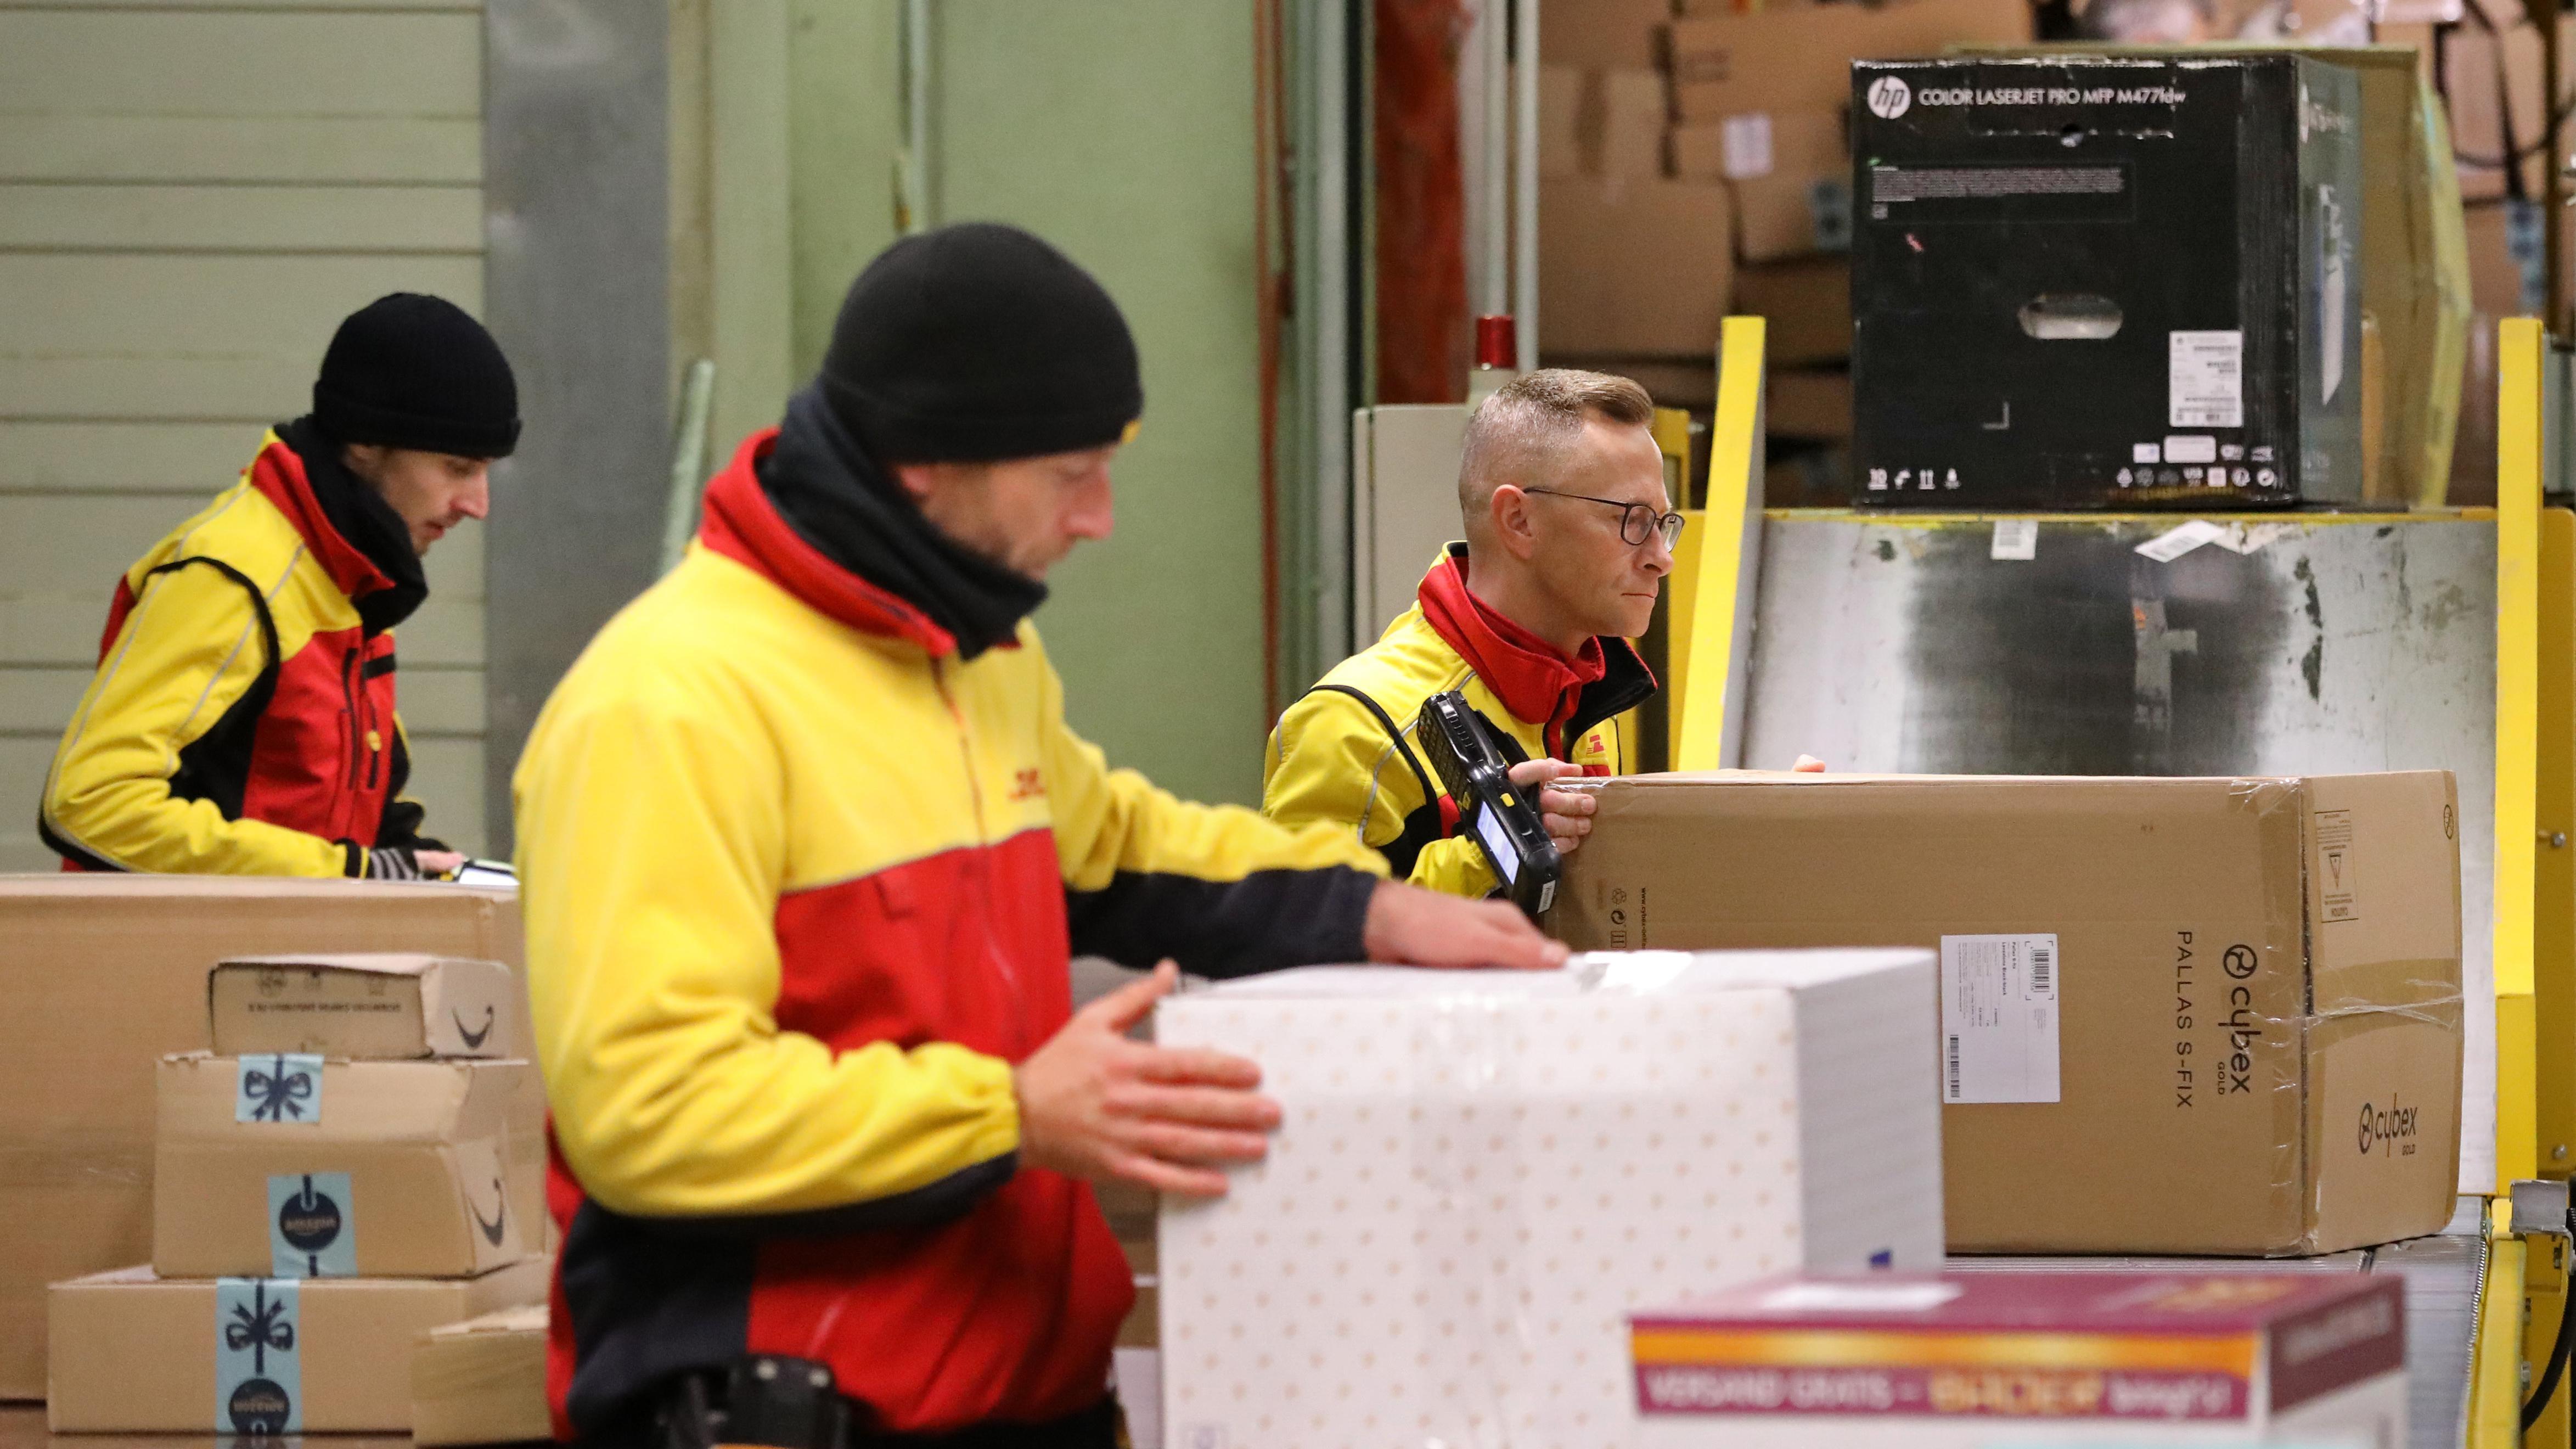 Vor einem Fließband sortieren Mitarbeiter der Deutschen Post DHL Pakete